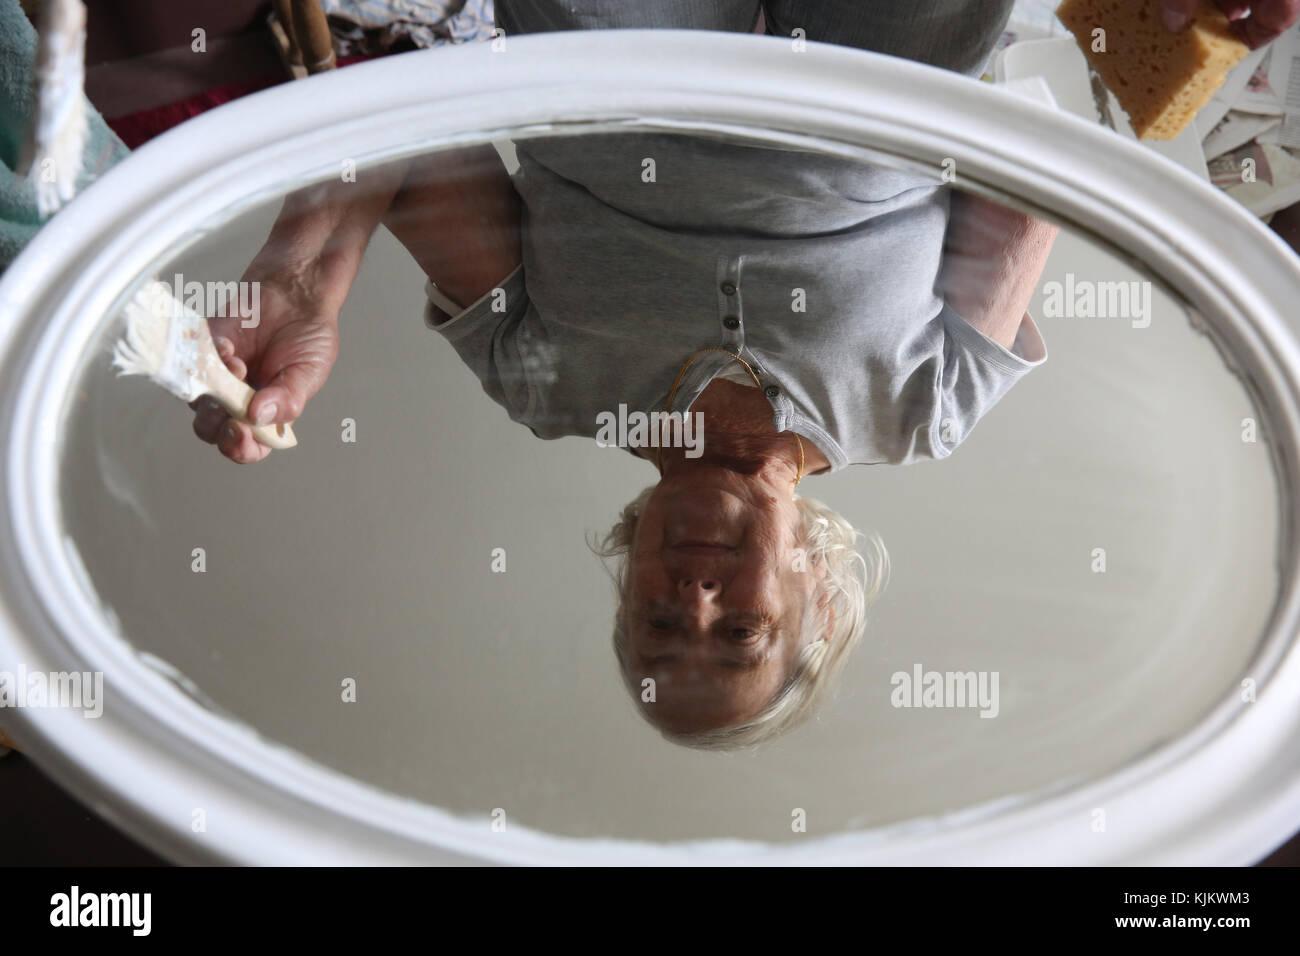 La femme peinture reflet dans un miroir. La France. Photo Stock